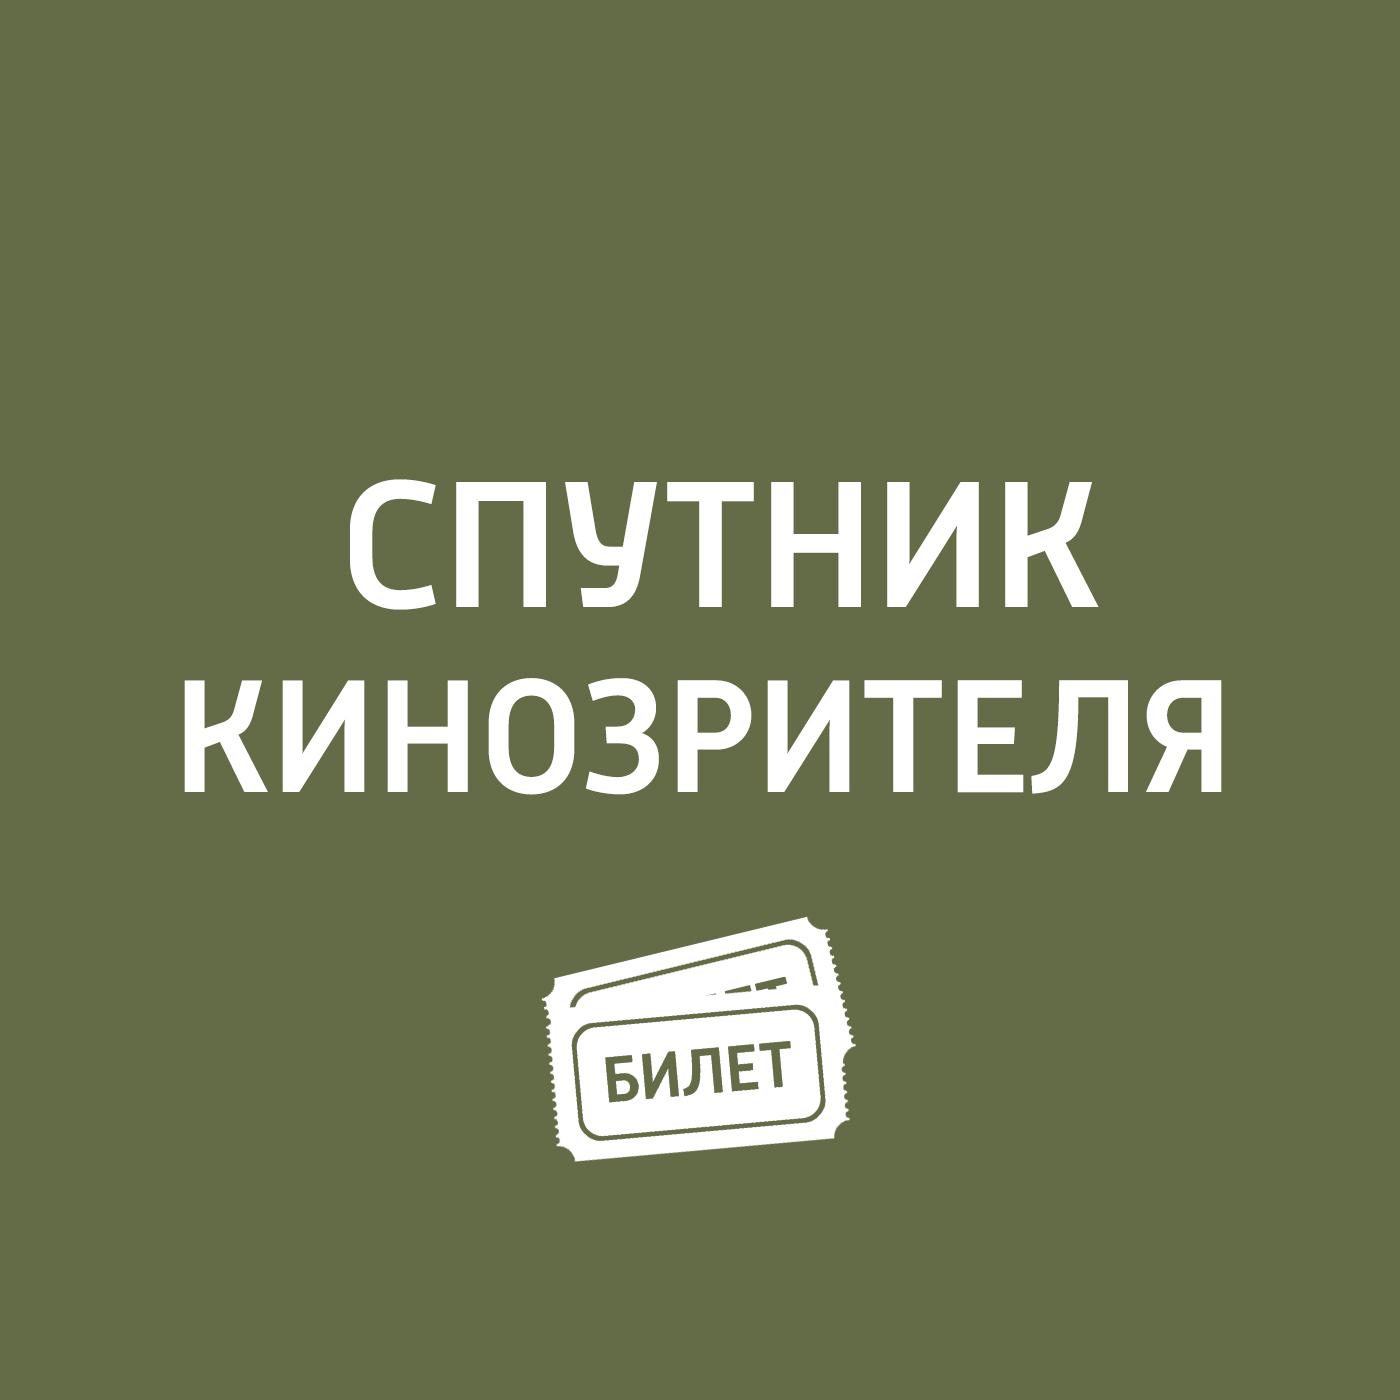 Антон Долин Цимбелин, «Духless 2, «Снайпер, «Сияние, «Психо антон долин психо